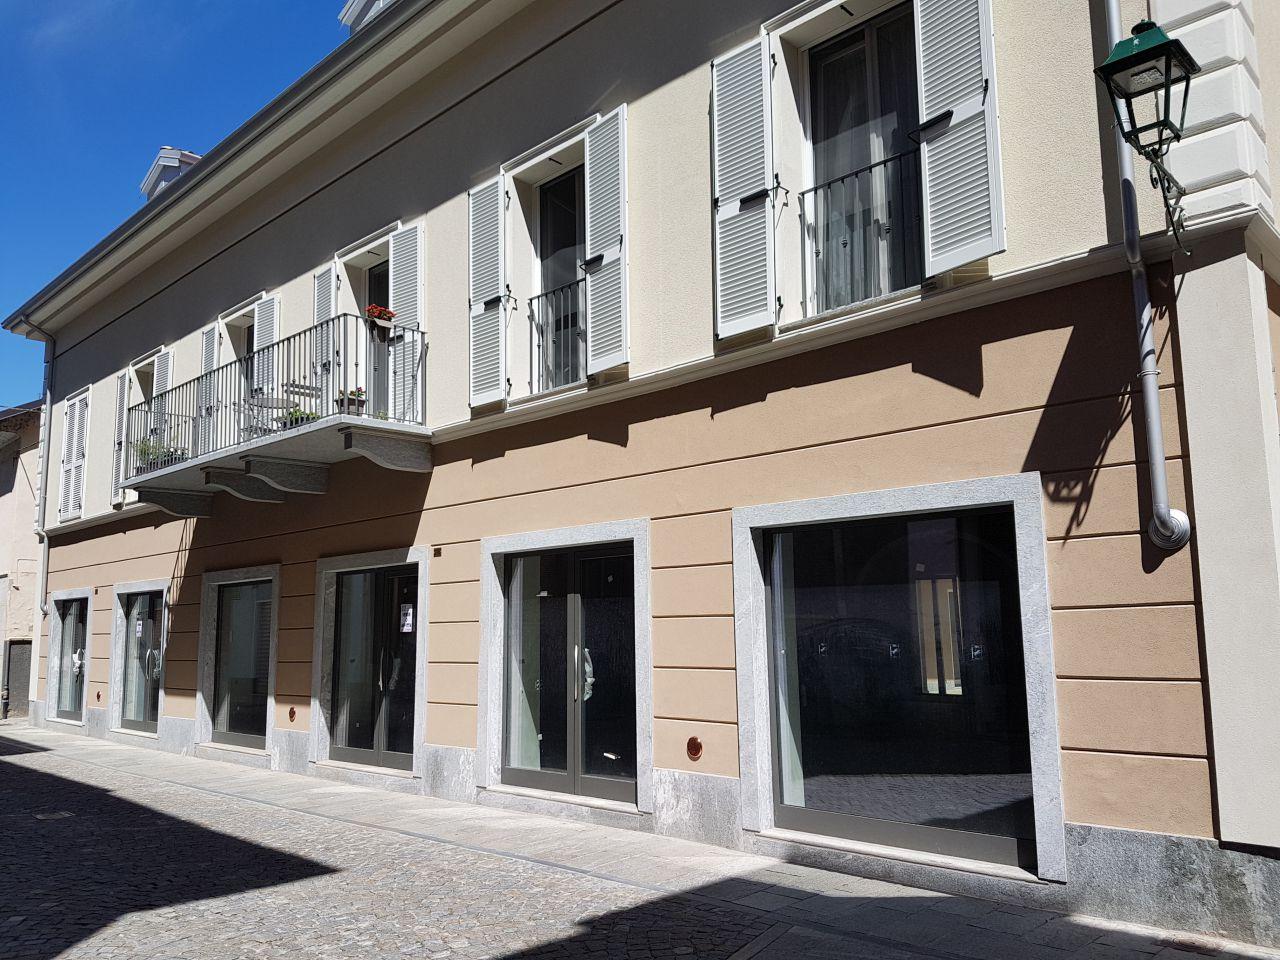 Negozio / Locale in vendita a Chivasso, 1 locali, Trattative riservate | PortaleAgenzieImmobiliari.it